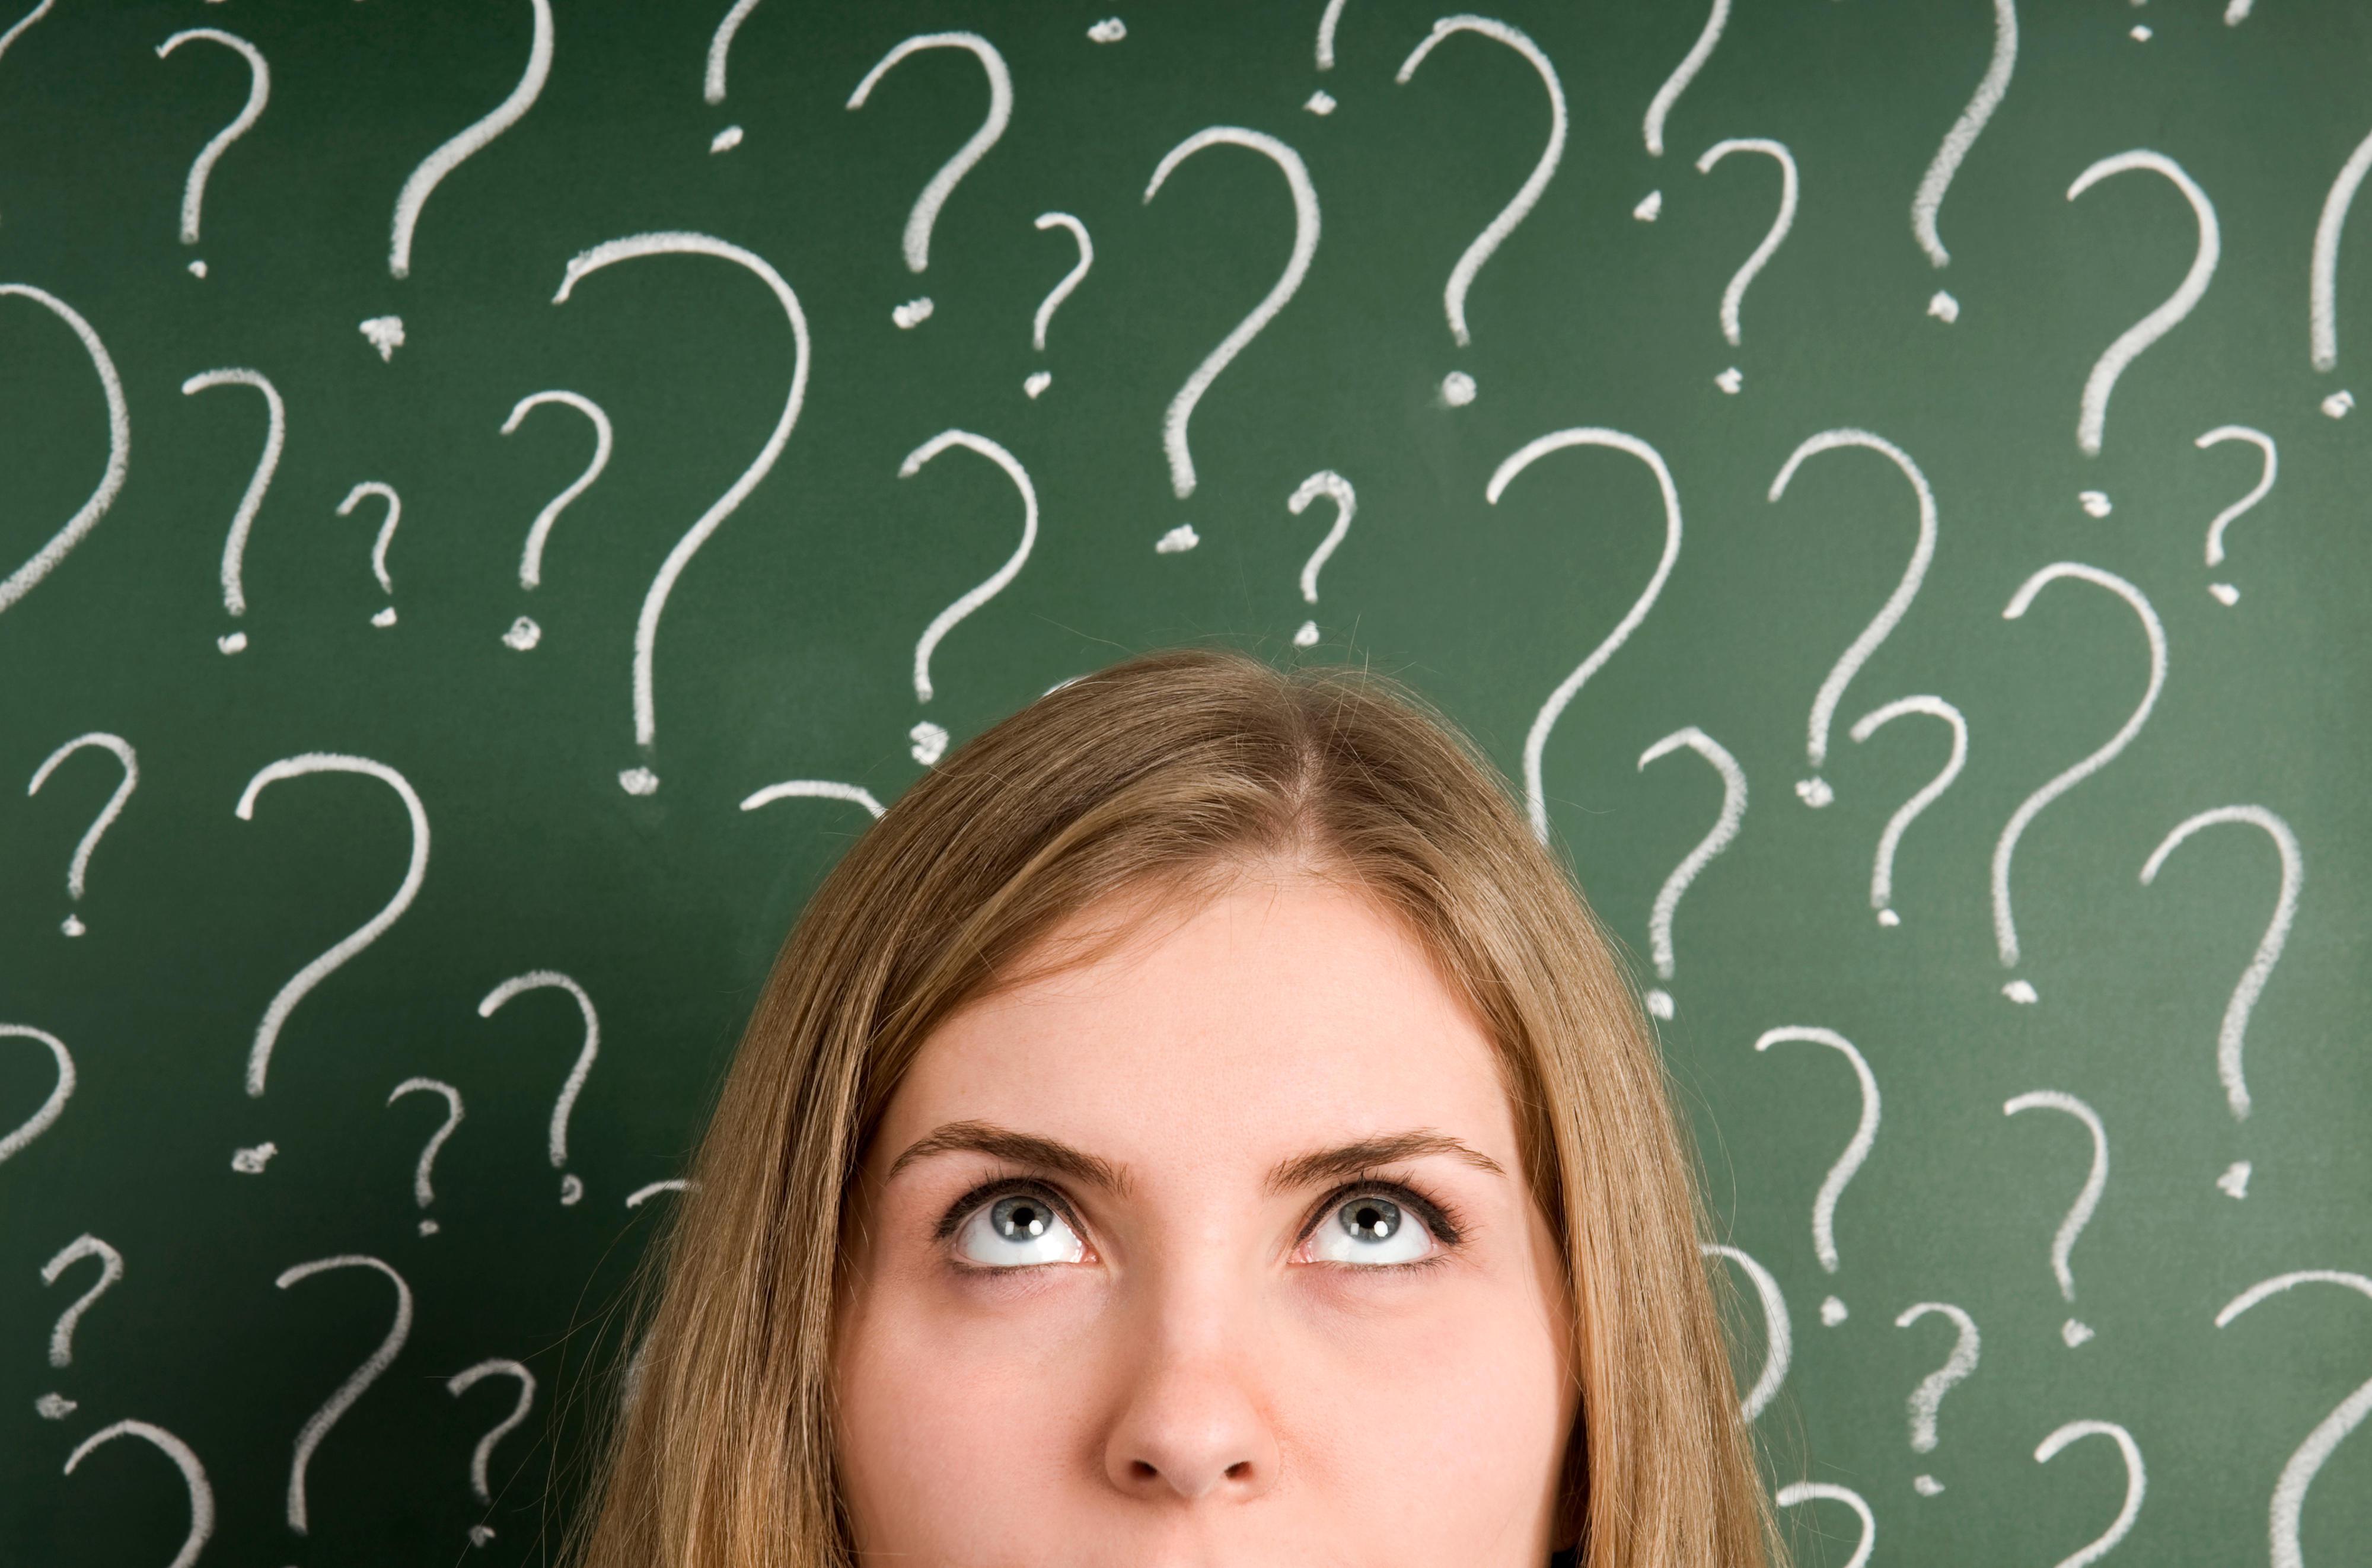 Beste Stellen Sie Fragen Um Interviewer Zu Fragen Fotos - Beispiel ...